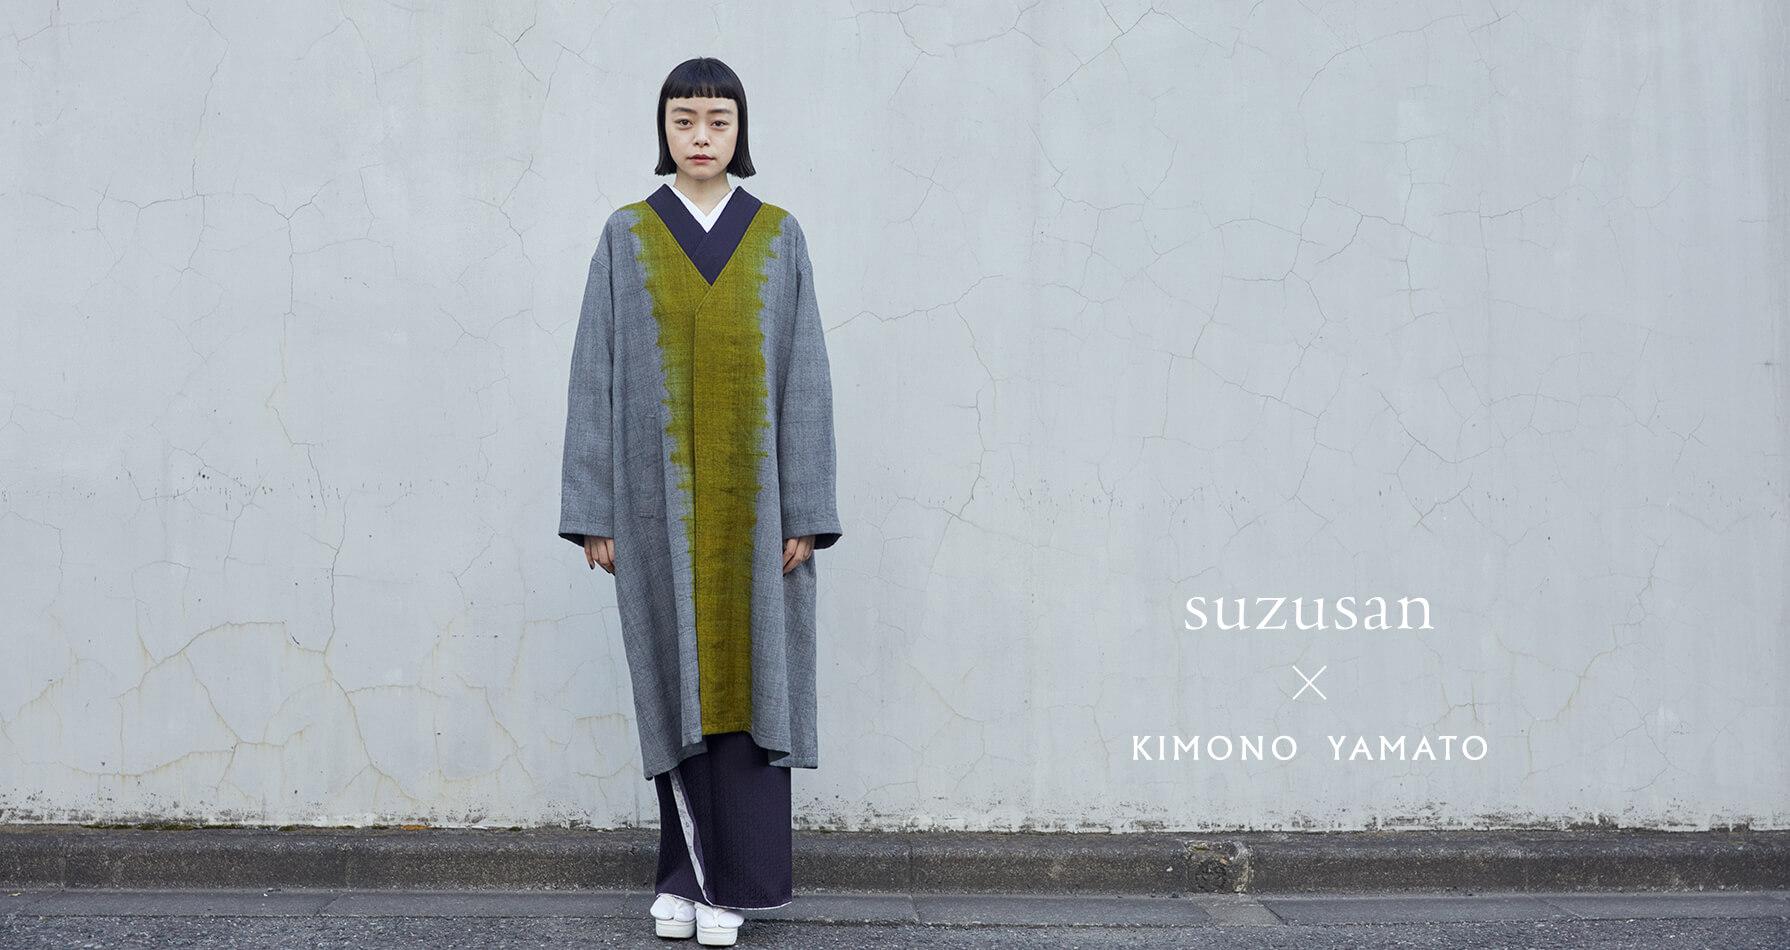 suzusan × KIMONO YAMATO